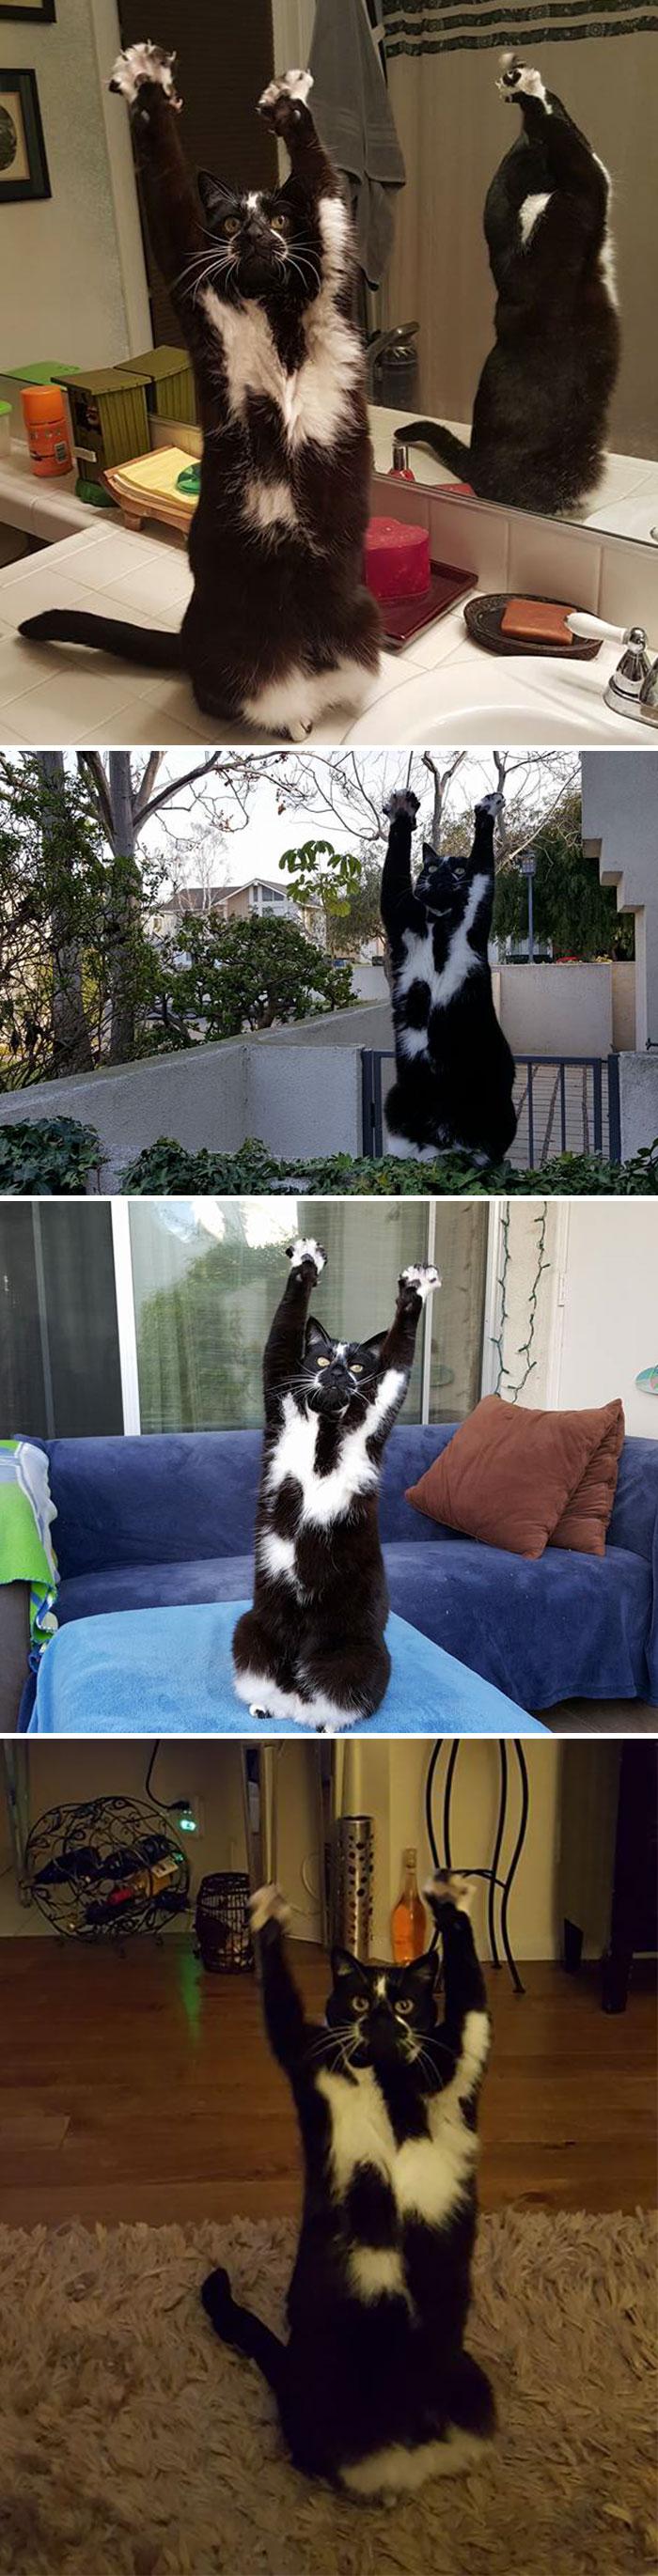 عکس های از رفتار عجیب و غریب گربه ها در منزل را تماشا کنید !